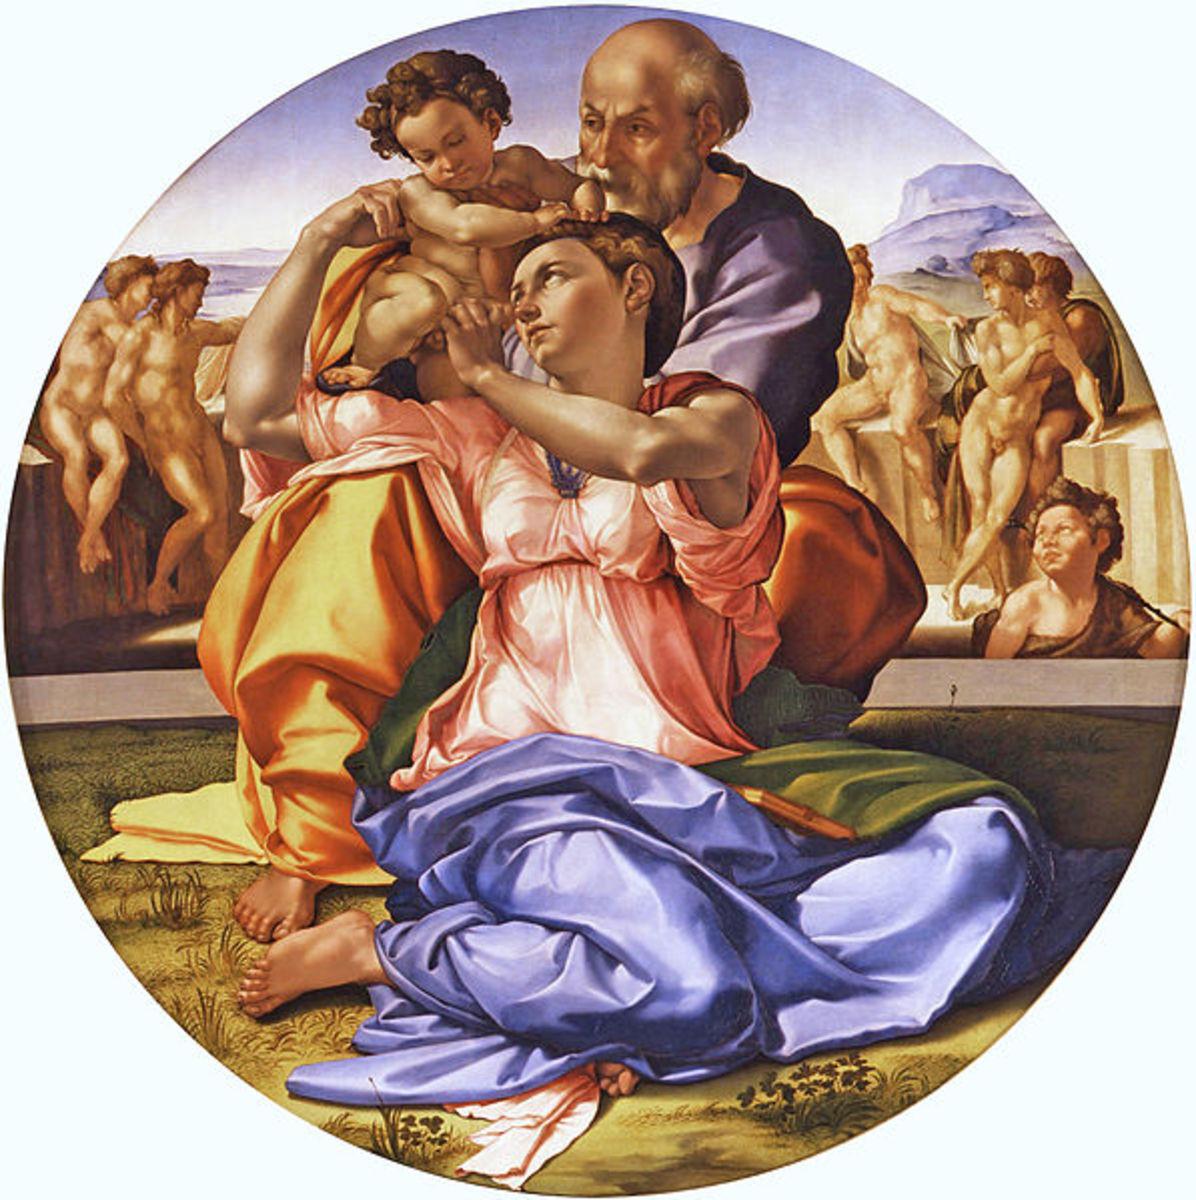 Doni Tondo: Michelangelo's Holy Family